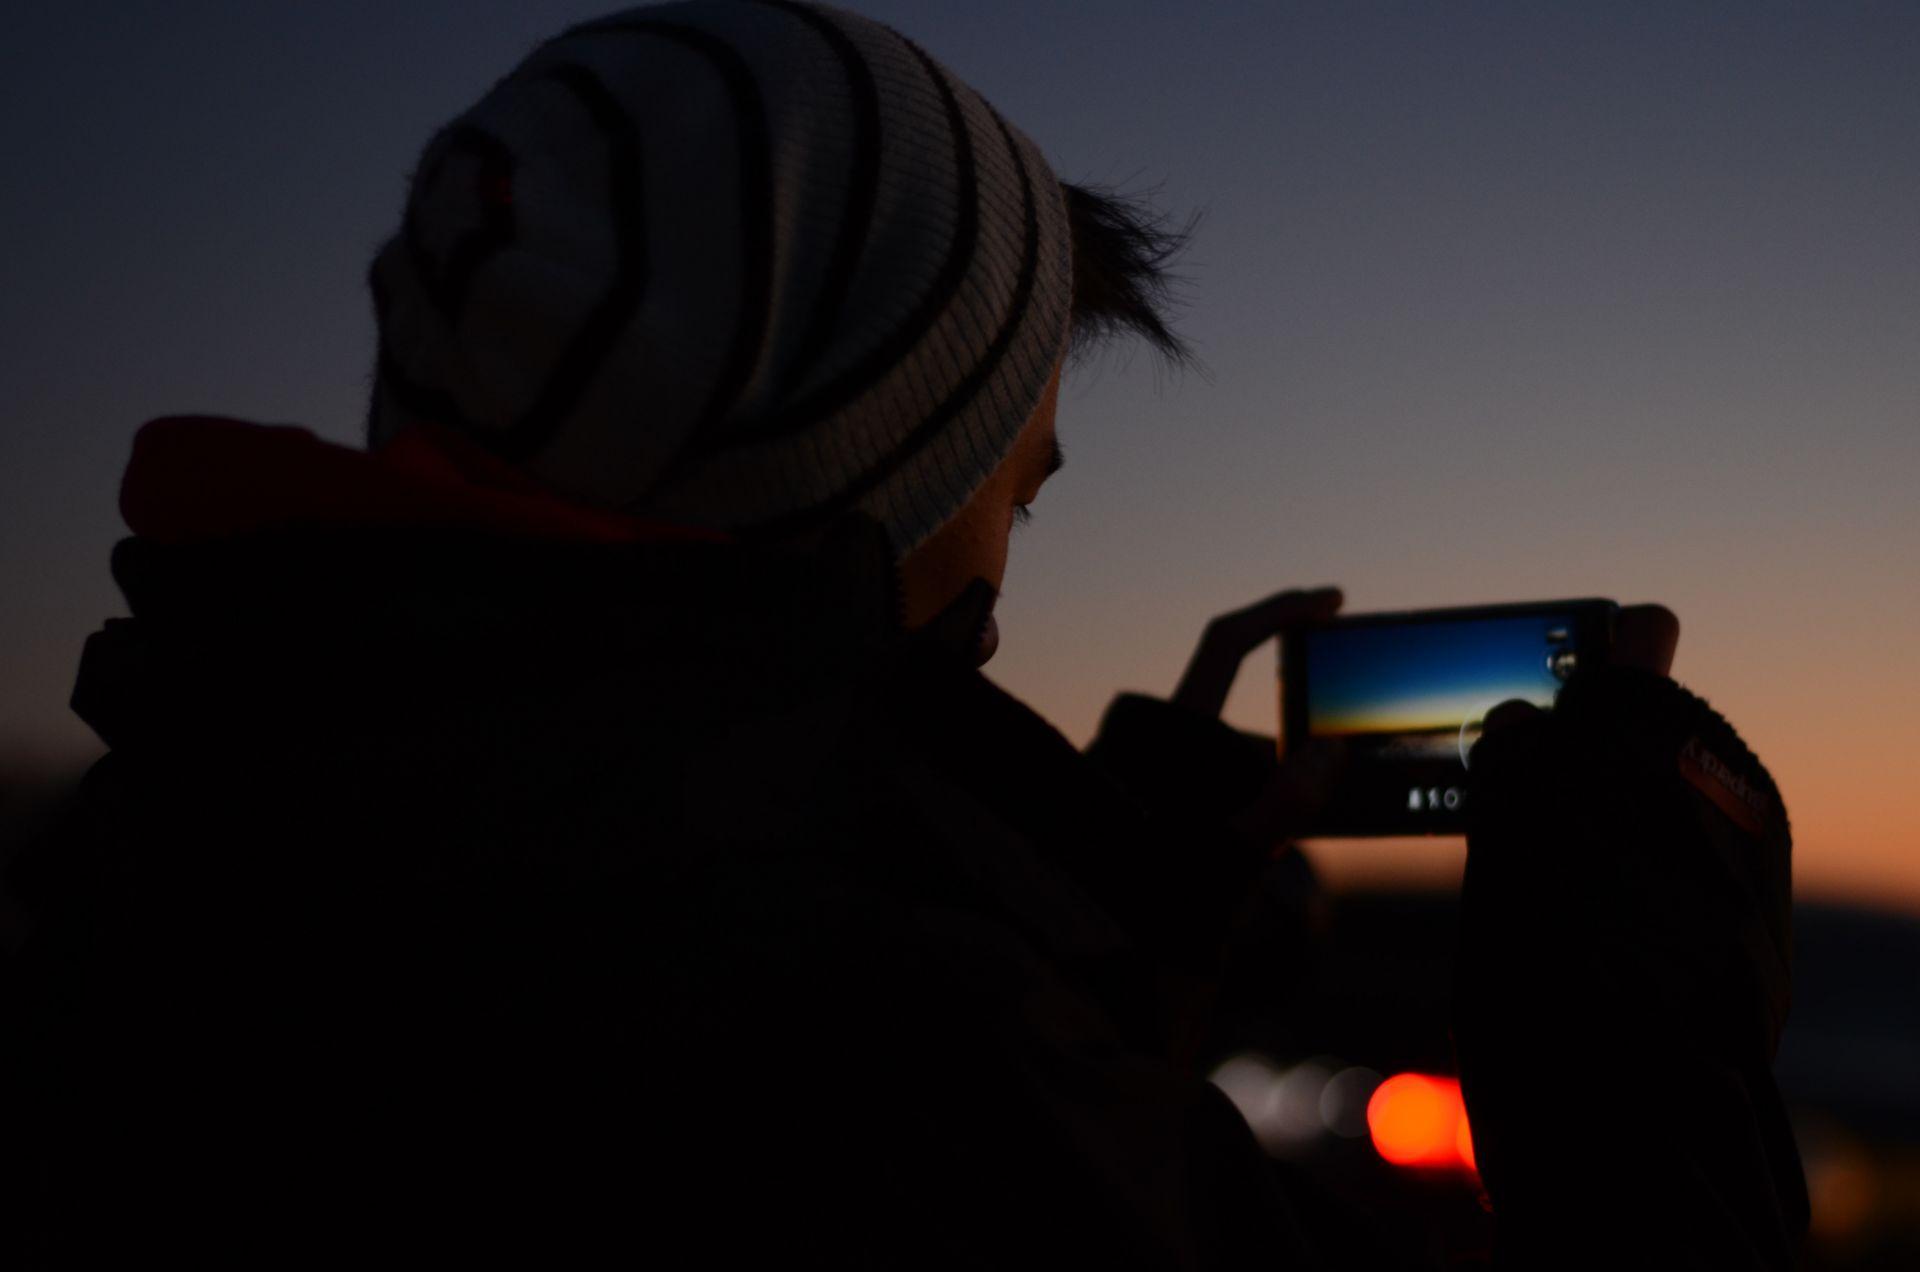 Pipopäinen henkilö ottaa älypuhelimella maisemakuvaa pimenevässä illassa.